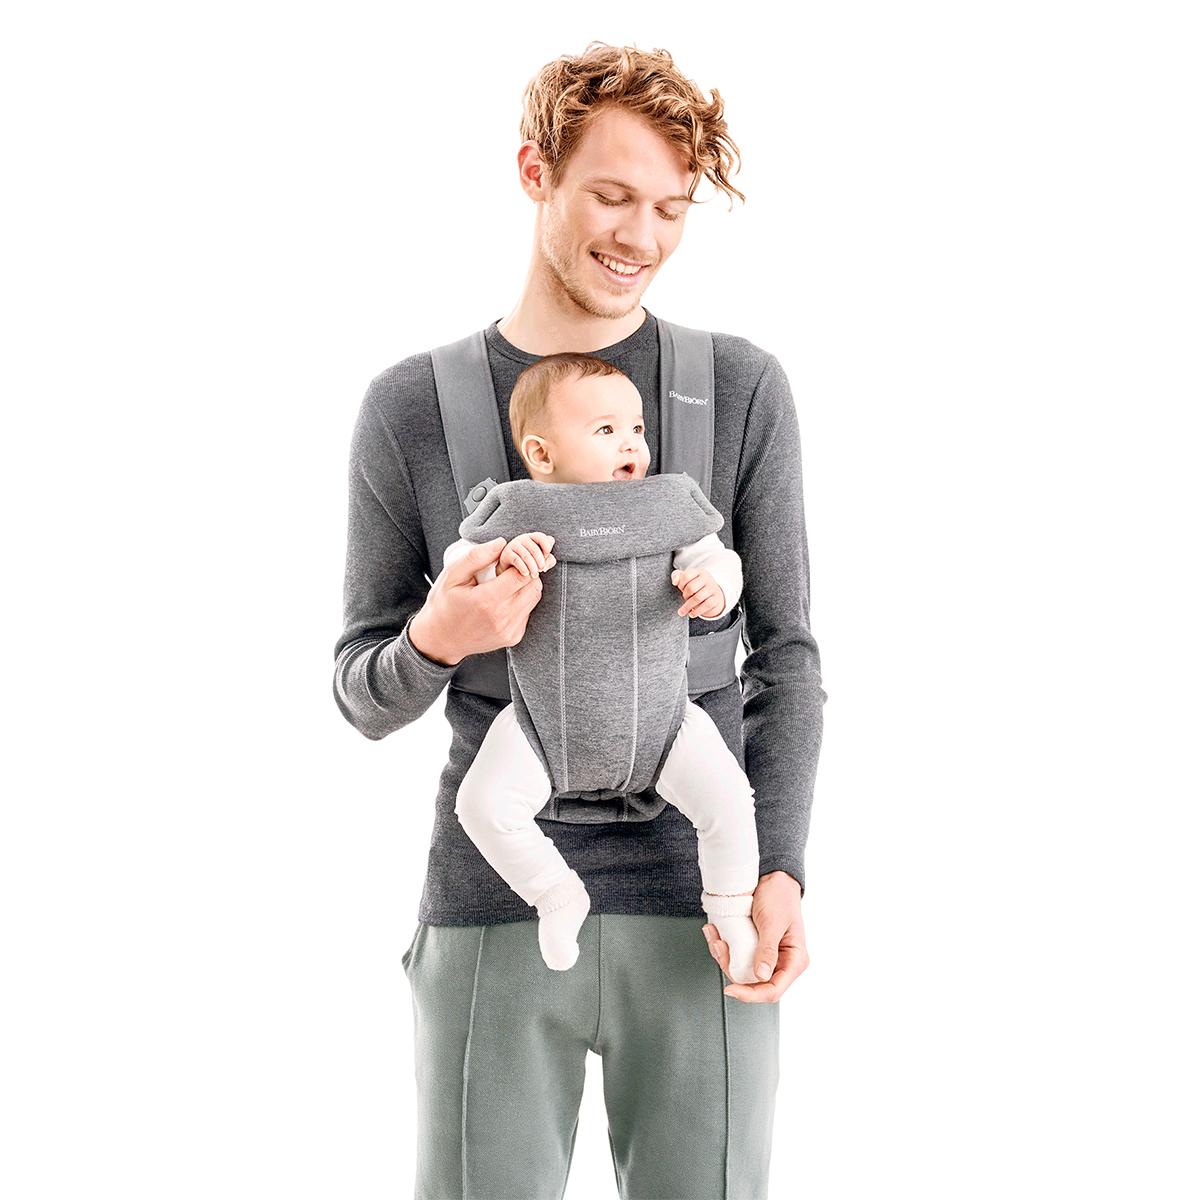 BabyBjörn Porte-bébé Mini 3D Jersey - Gris Clair - Porte bébé ... 54c80db80c6